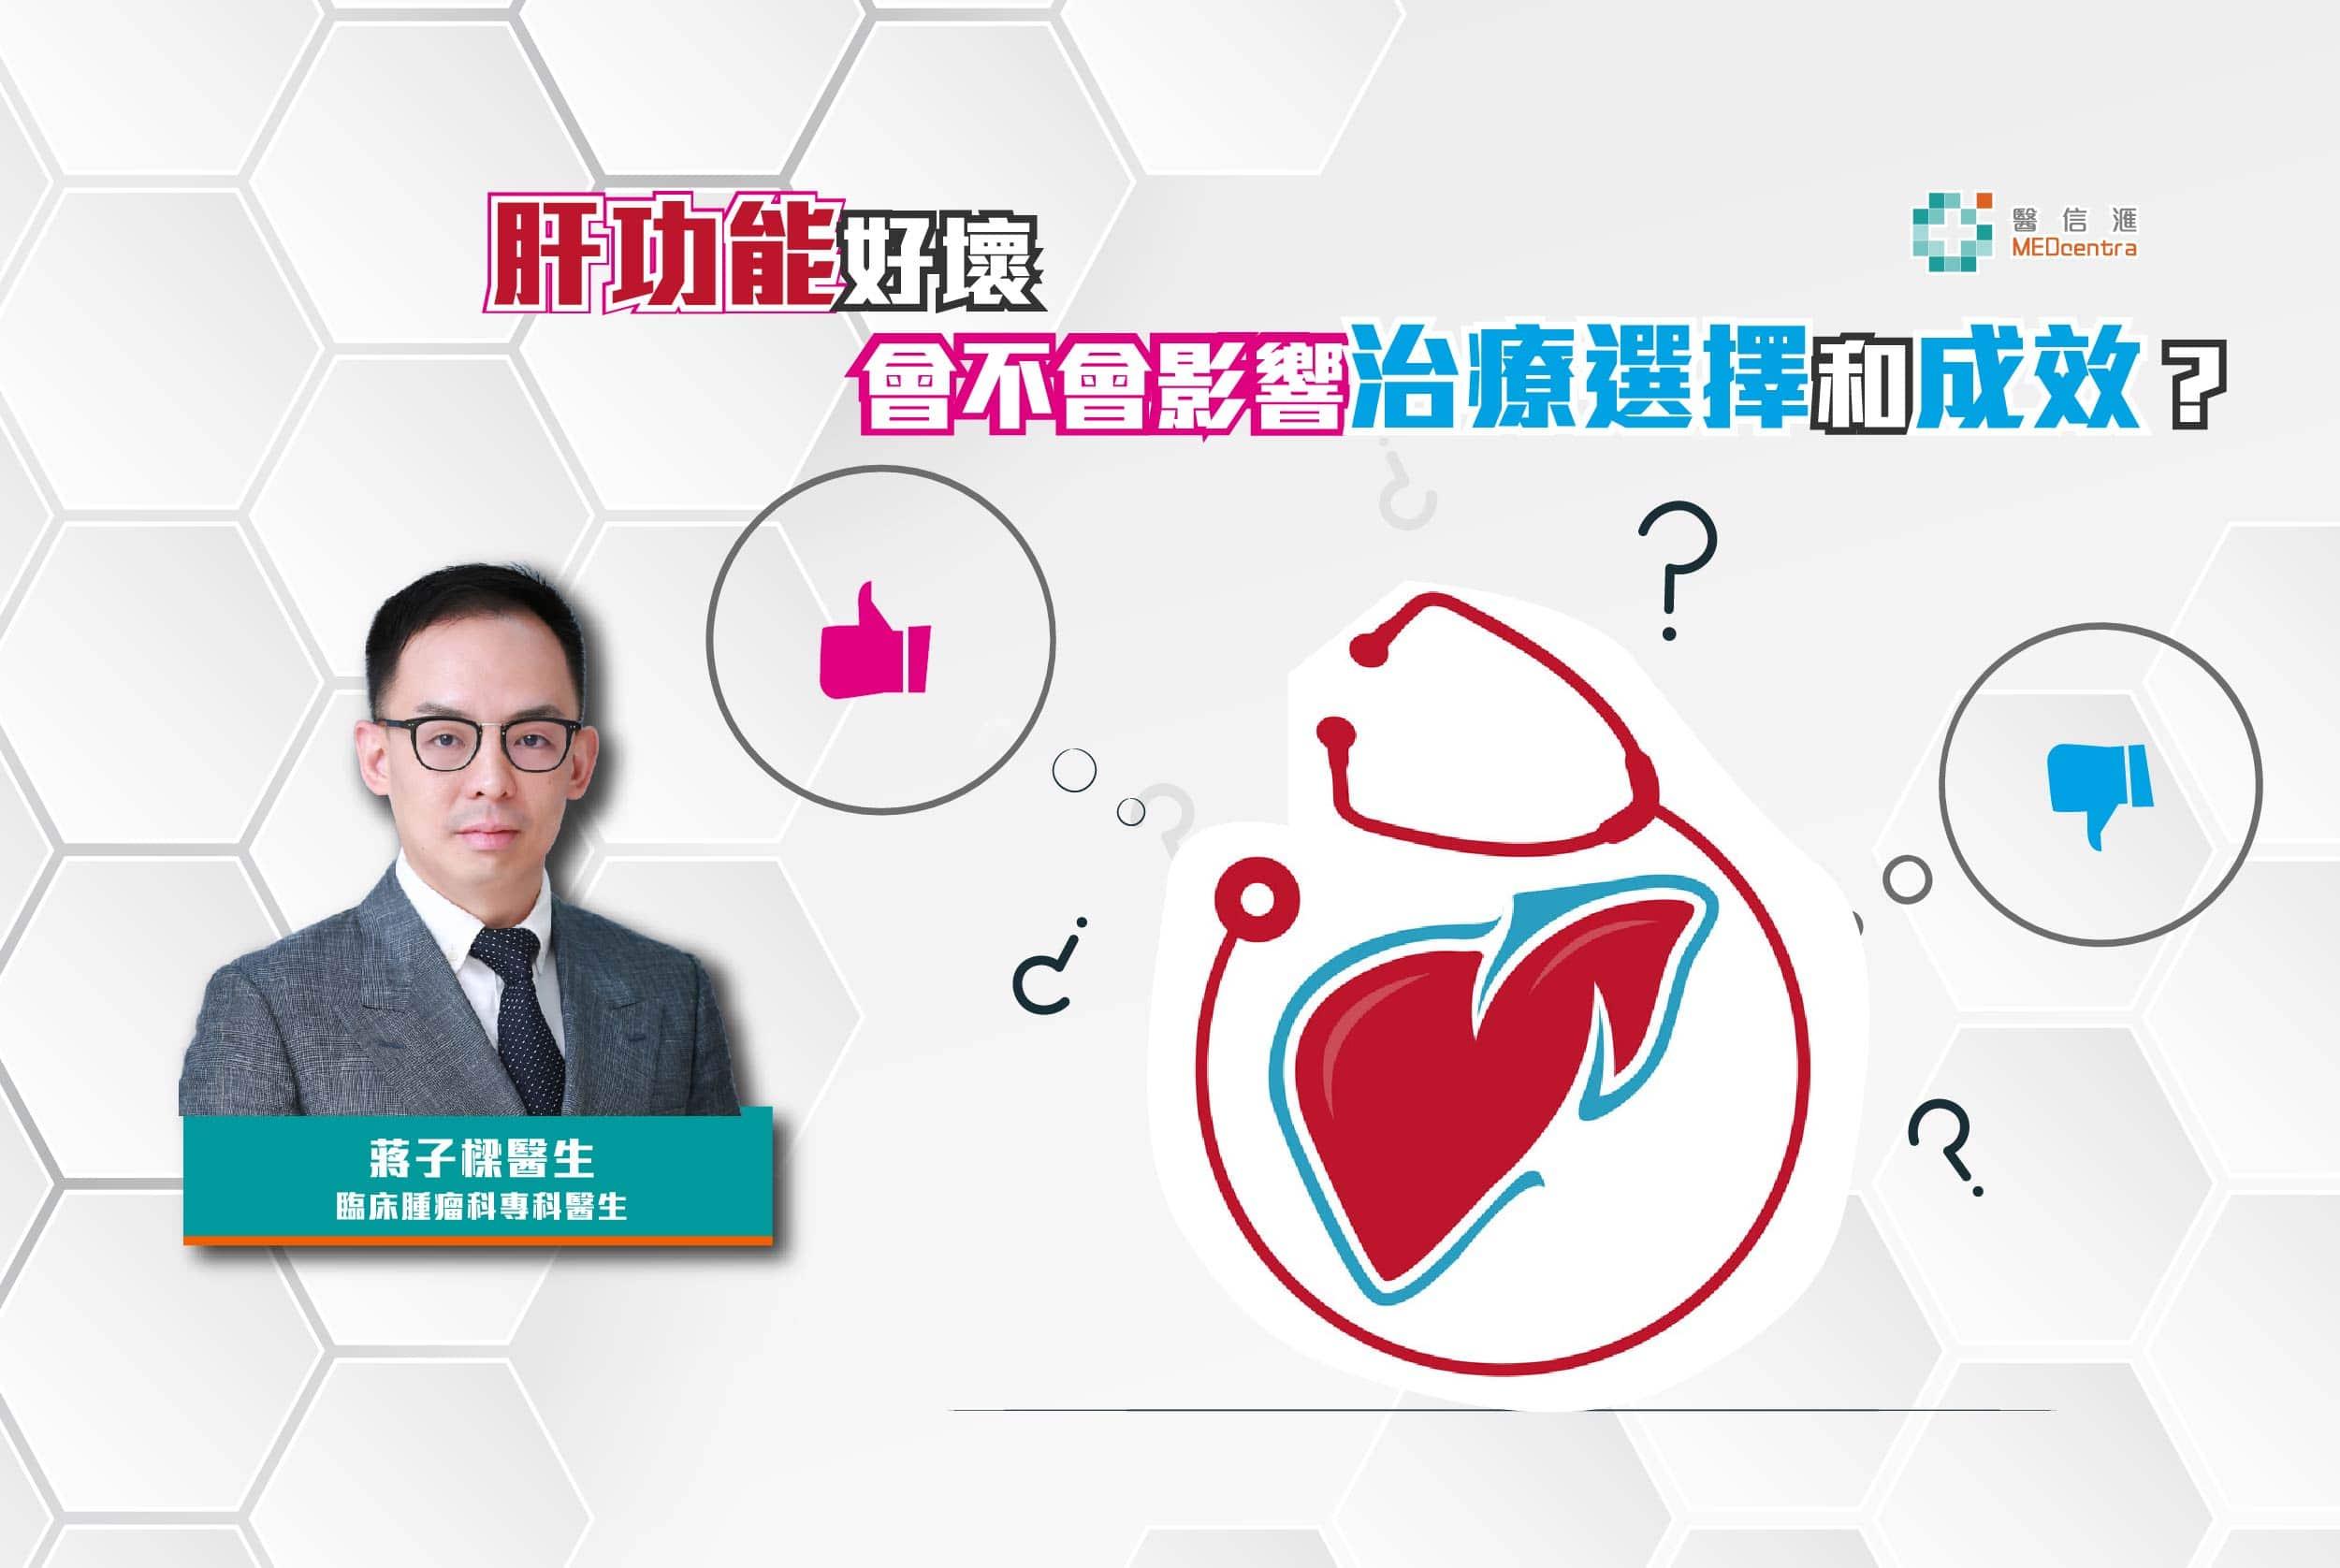 【知多D,心定D-肝癌】肝功能好壞會否影響治療選擇及成效?